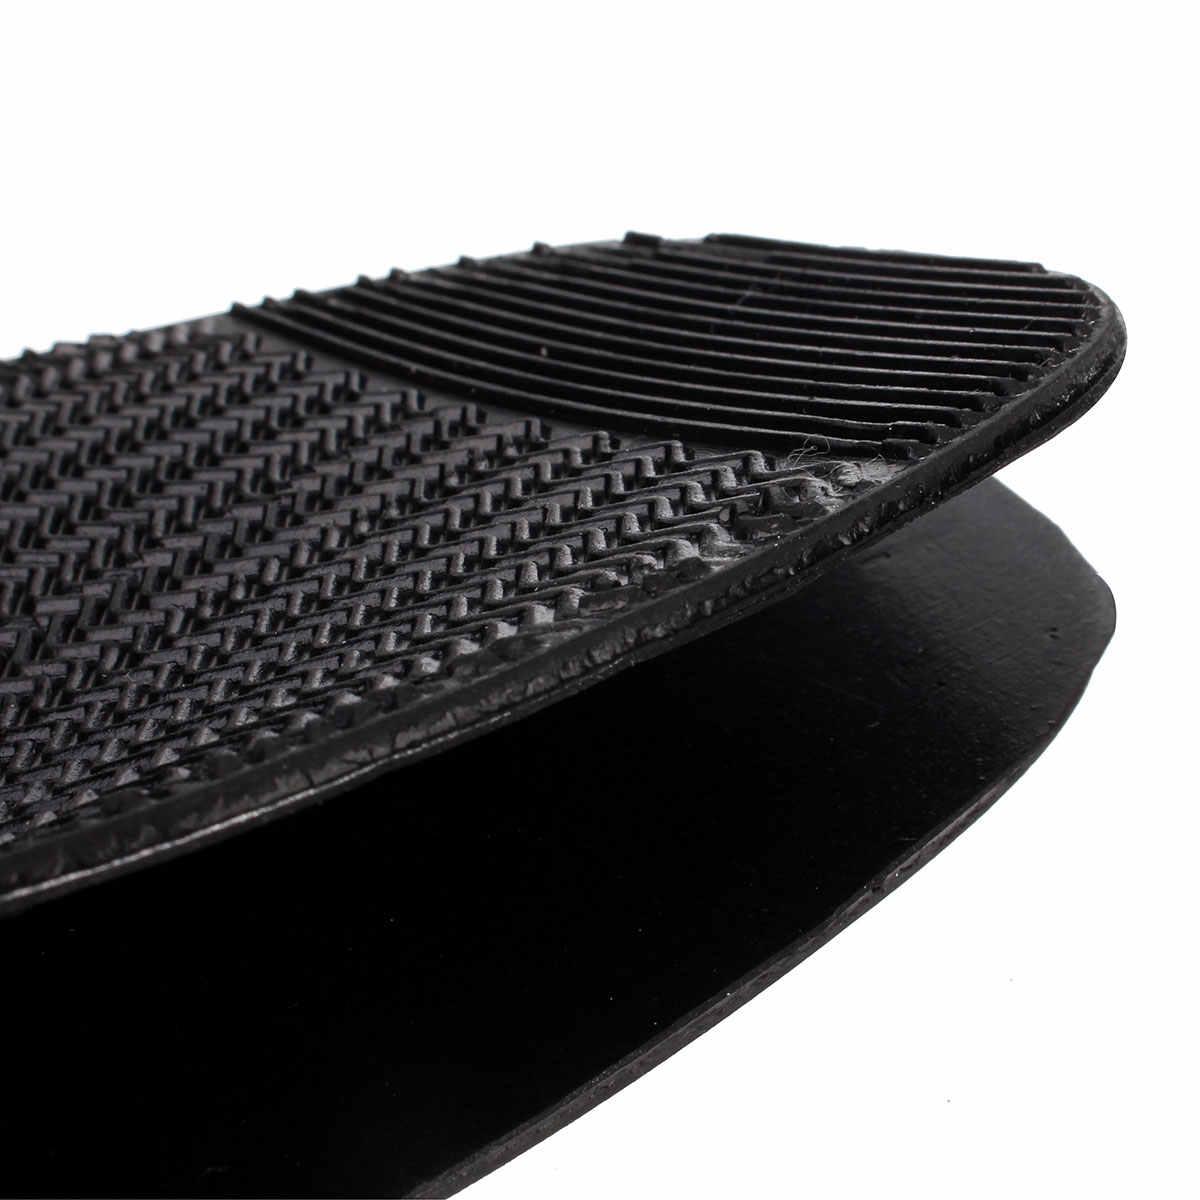 BSAID 1 زوج النعل الخارجي المطاط عدم الانزلاق الرجال حذاء الأمامية DIY عصا على نعال أحذية إصلاح للرجال الأعمال أحذية من الجلد/الأحذية